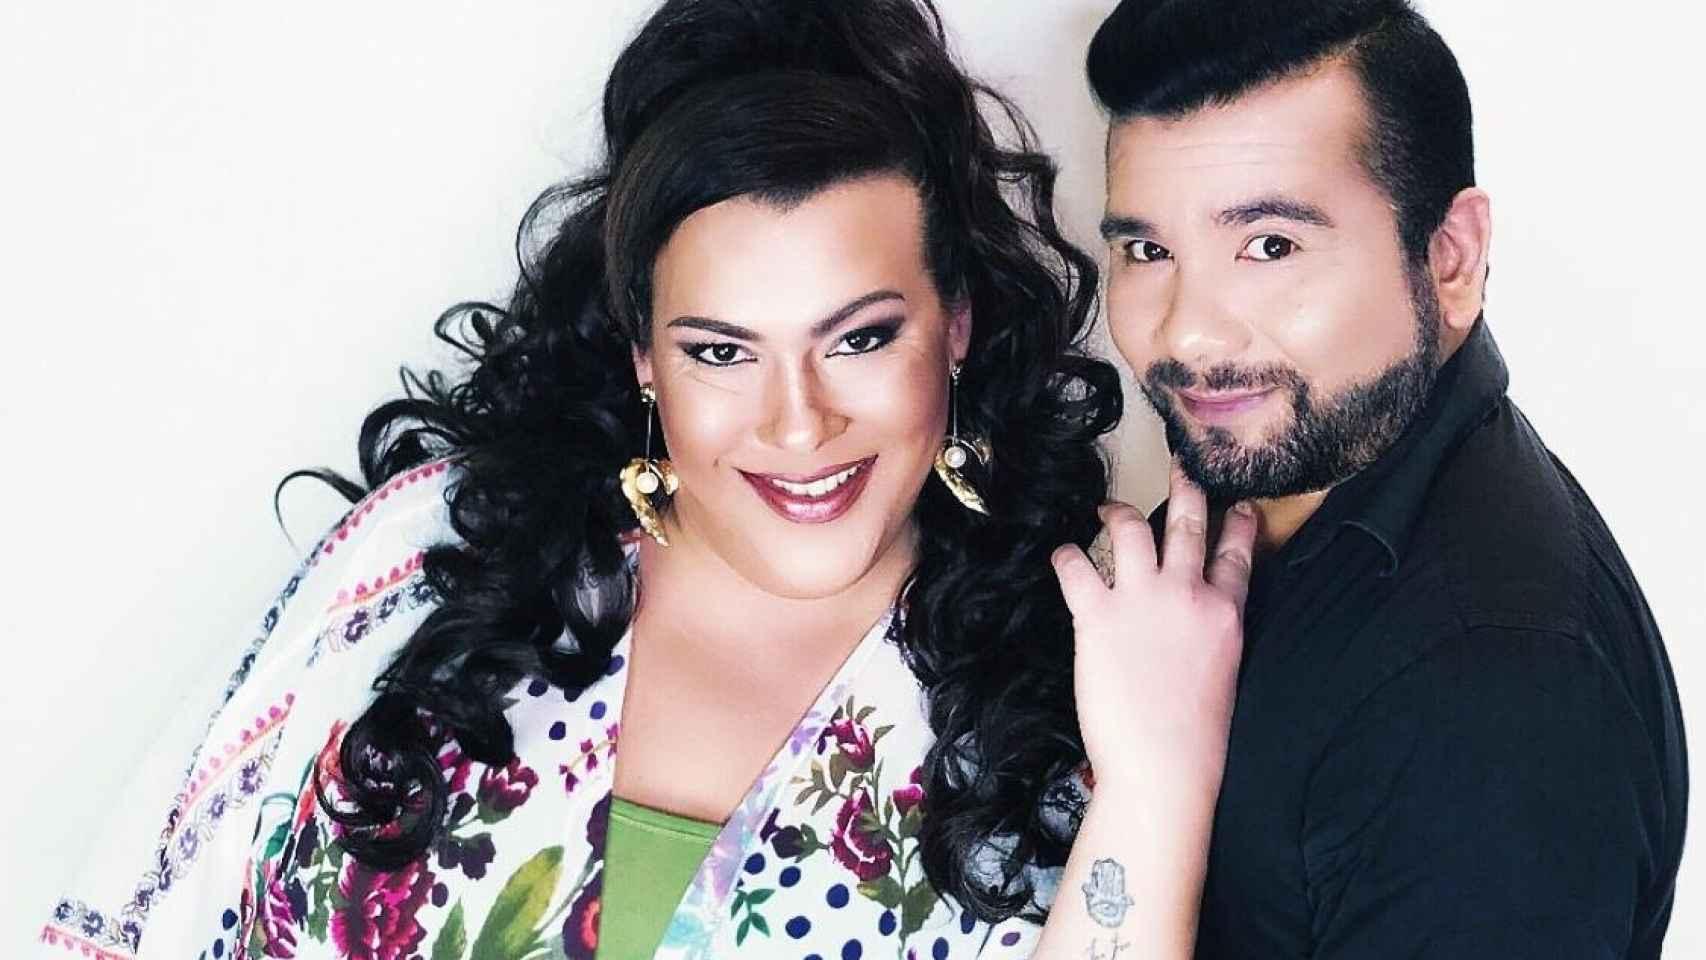 Desy Rodríguez y su pareja, Luciano Ortiz.